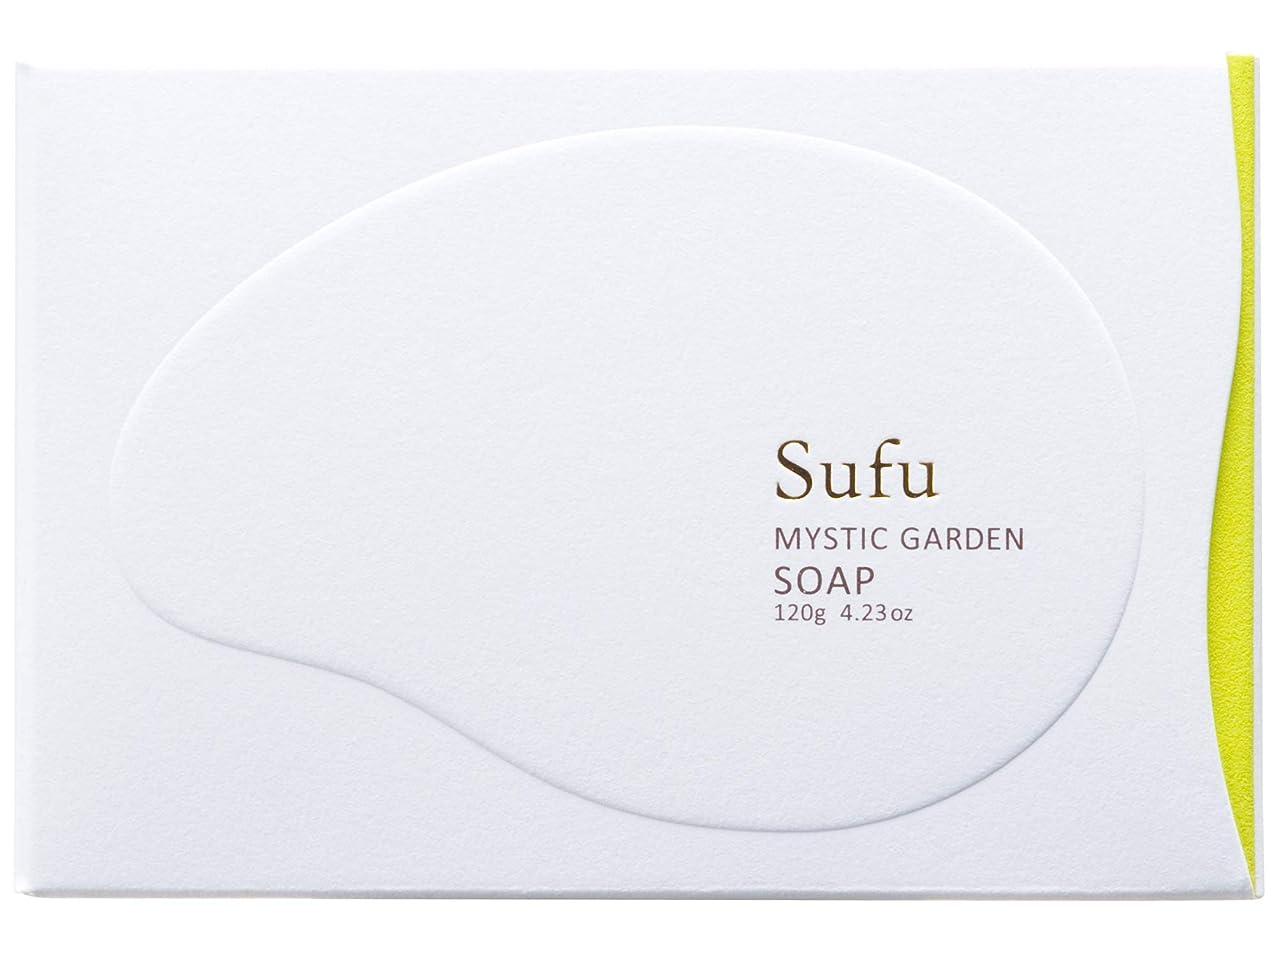 の中で切り離すアカウントペリカン石鹸 Sufu ソープ ミスティックガーデン 120g